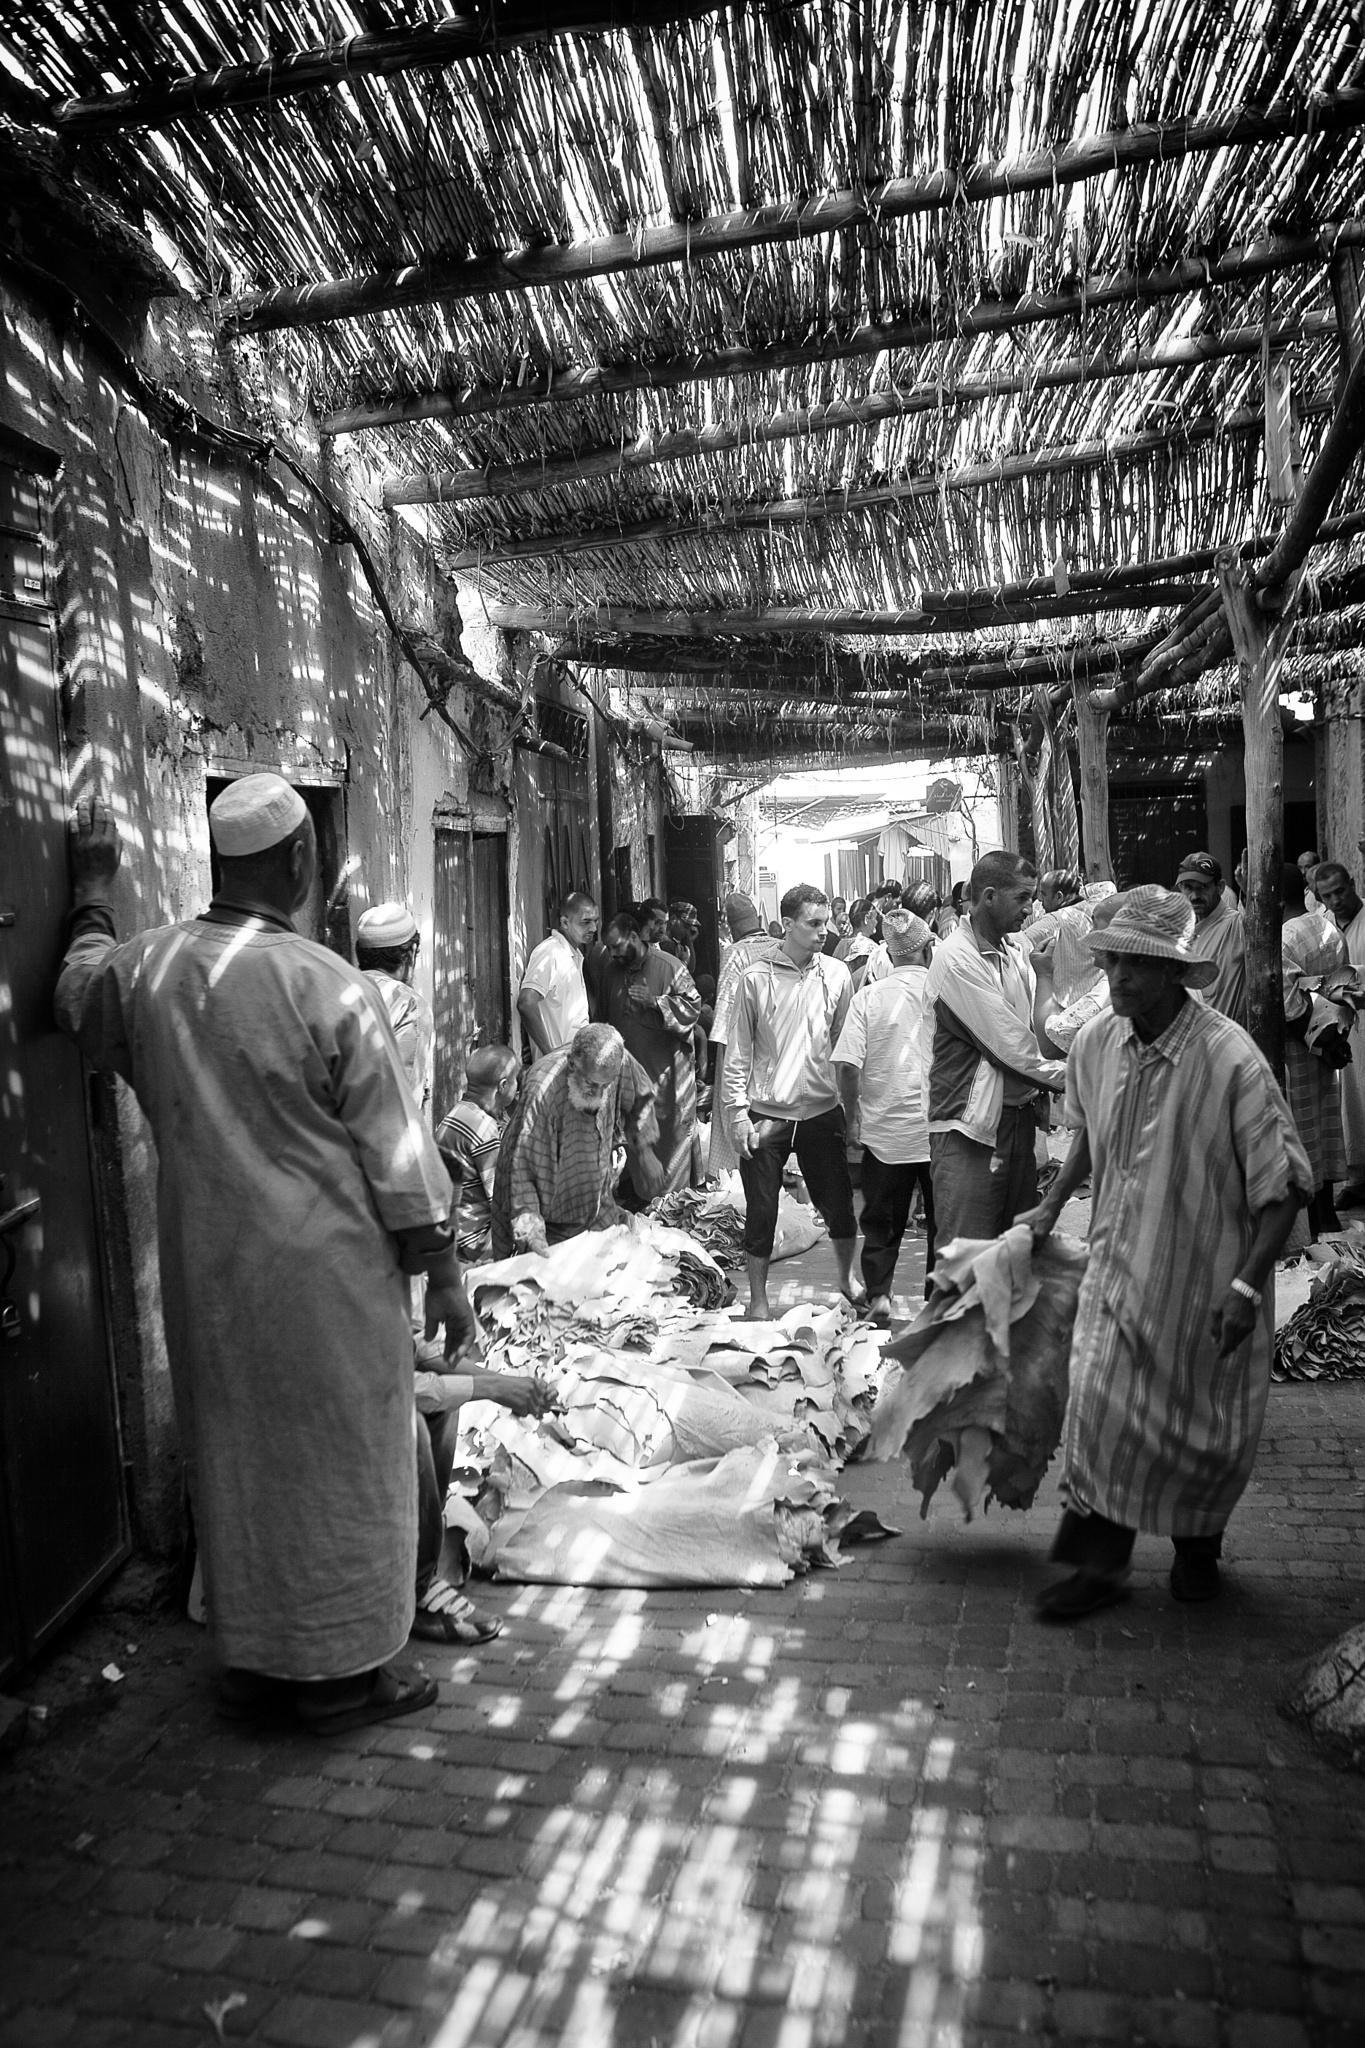 Goat skin market, Marrakesh, Morocco  by Tom Adank